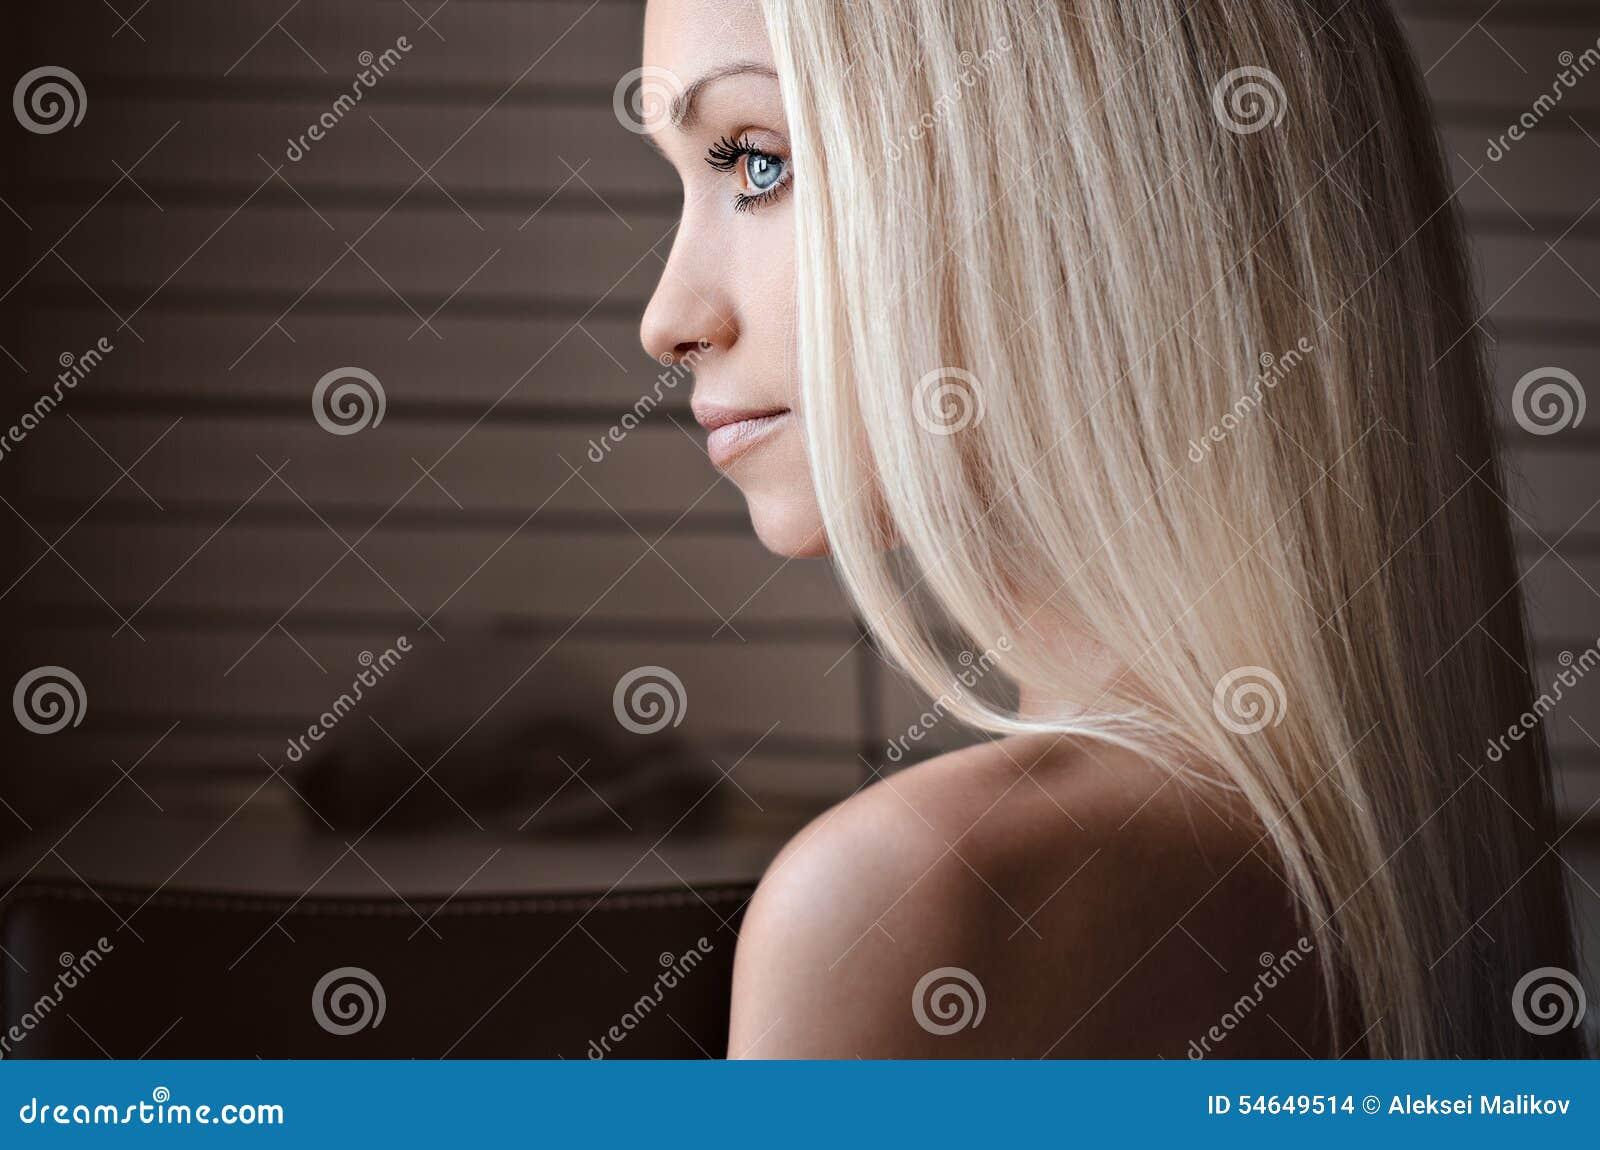 Δραματικό πορτρέτο ενός θέματος κοριτσιών: πορτρέτο ενός όμορφου μόνου κοριτσιού που απομονώνεται σε ένα άσπρο υπόβαθρο στο στούν